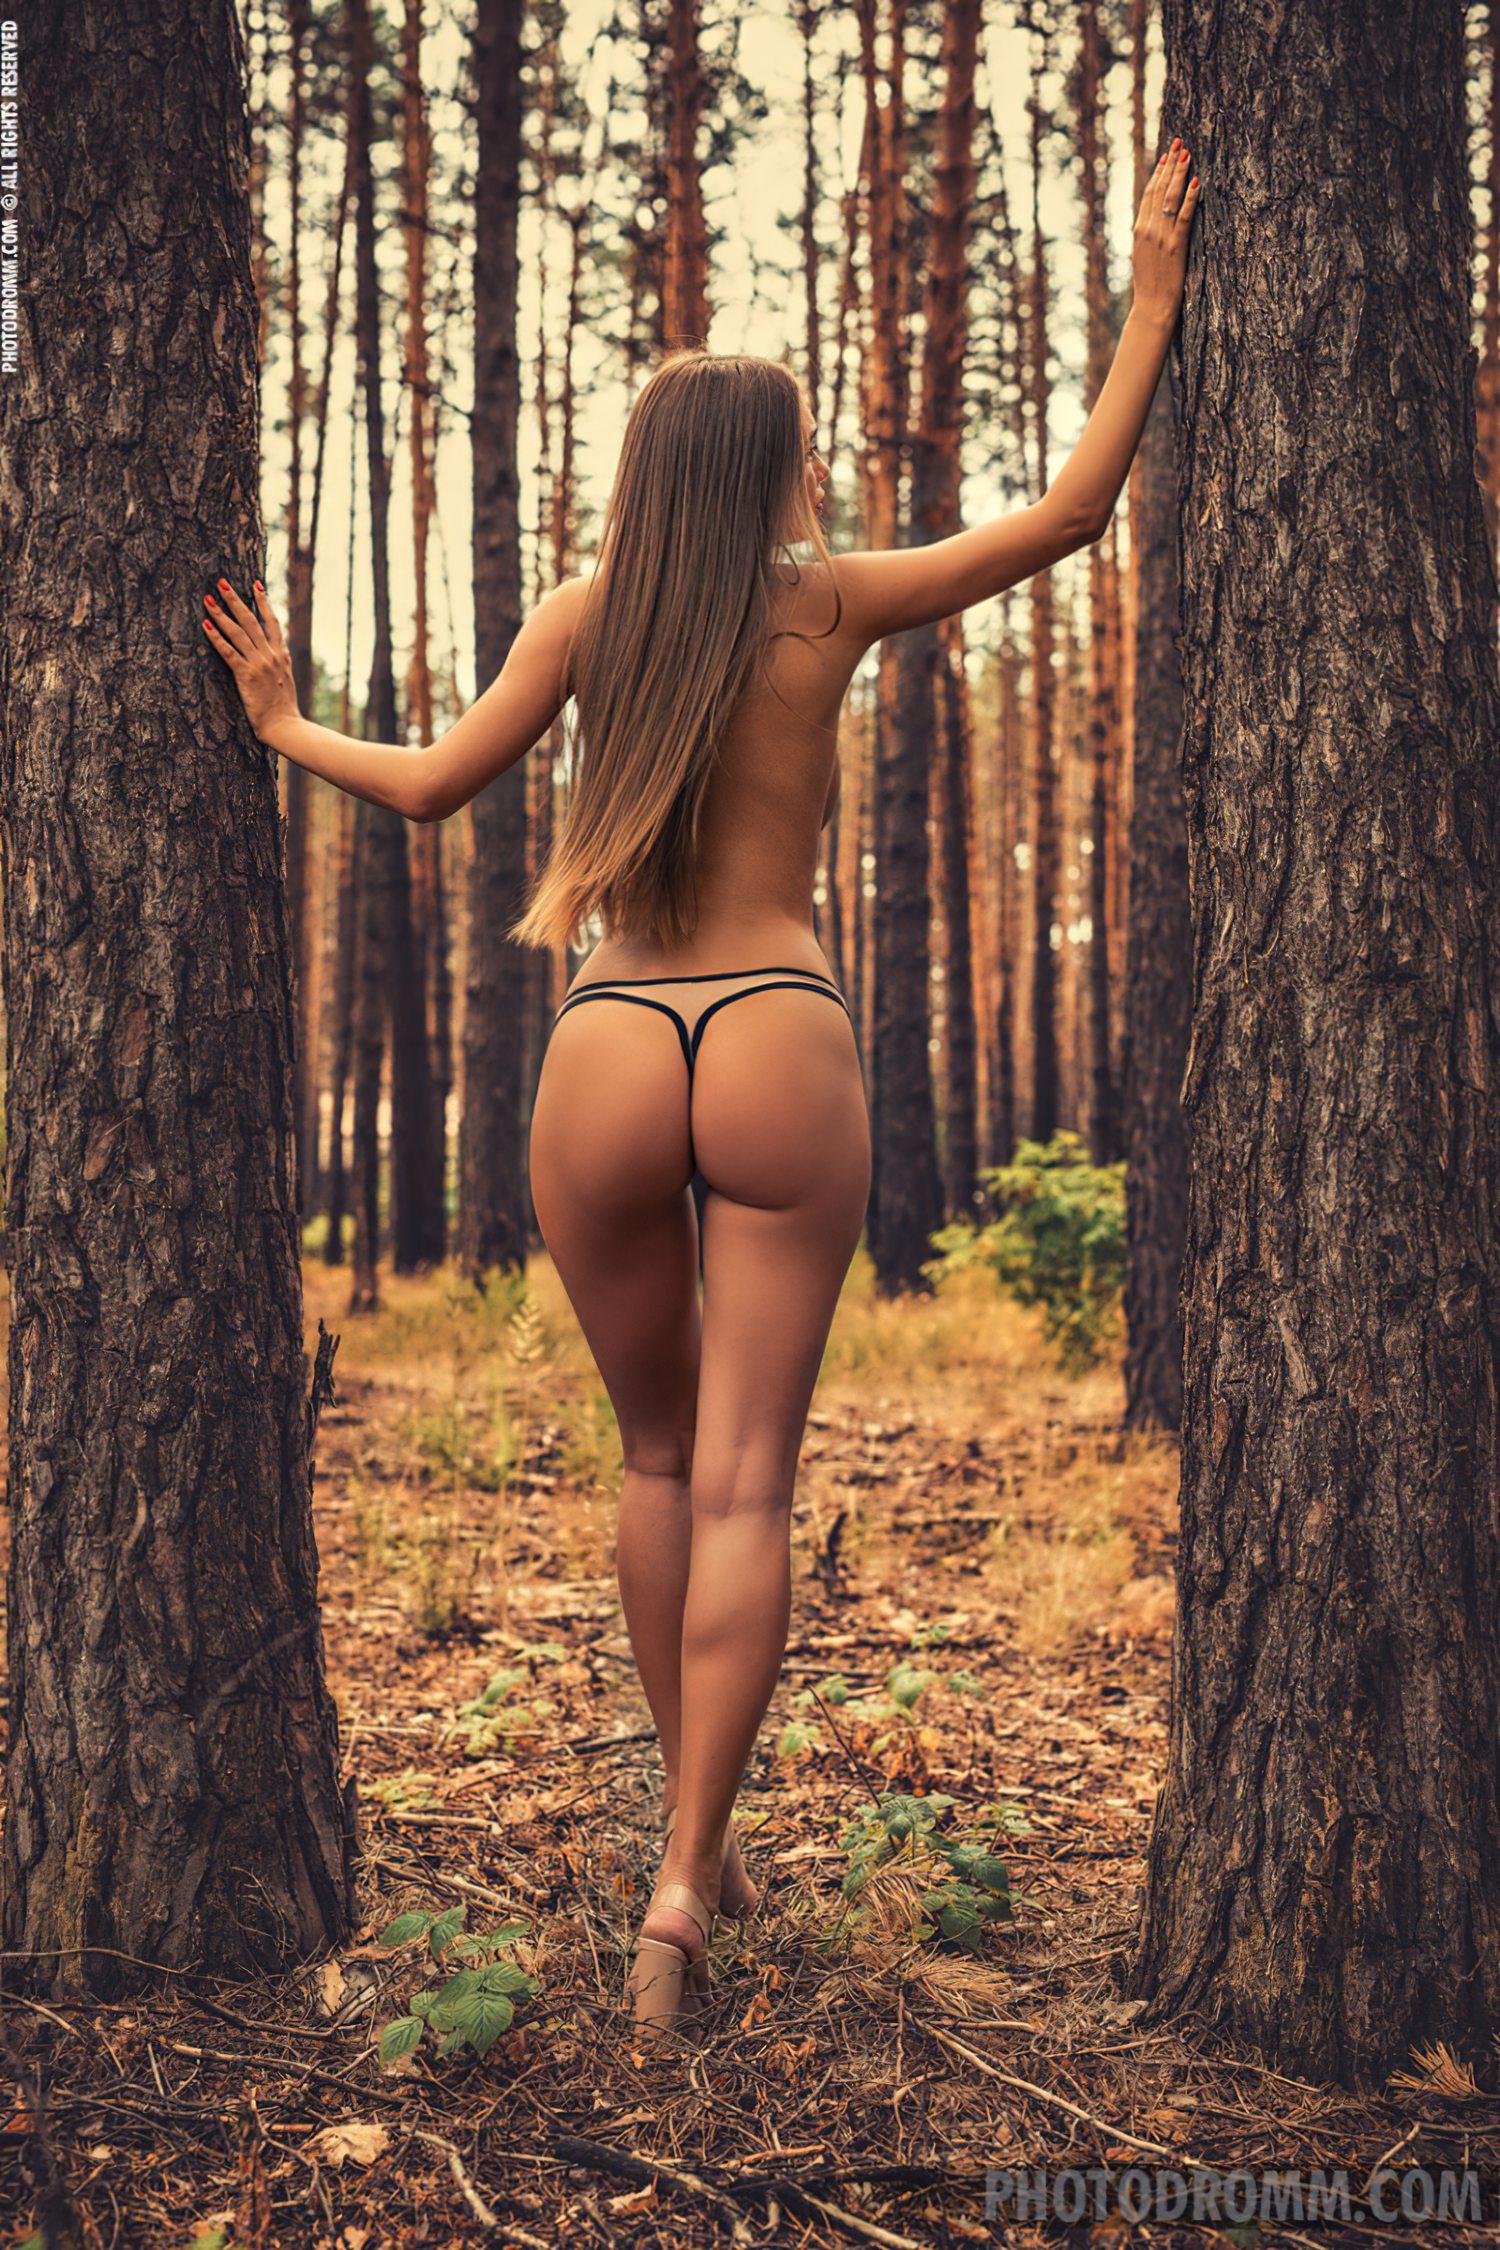 No Meio da Floresta (5)